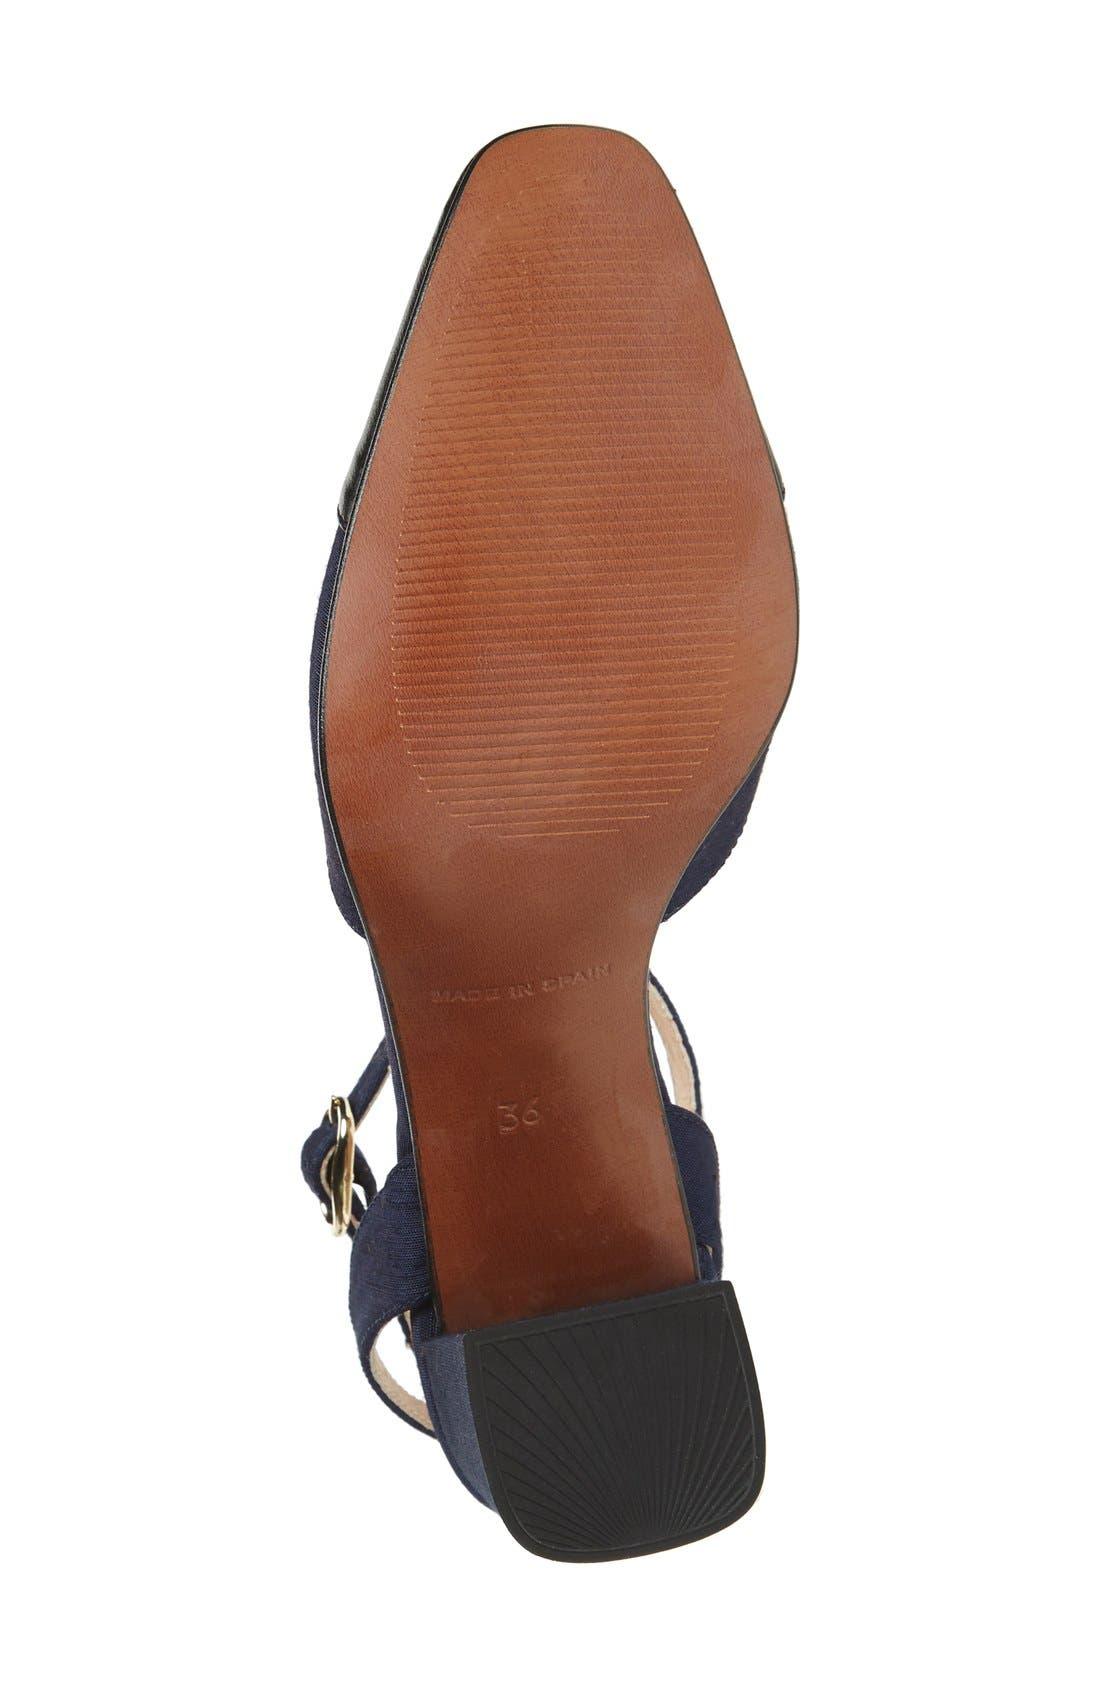 'Jewel' Cap Toe Block Heel Pump,                             Alternate thumbnail 4, color,                             Navy Blue Multi